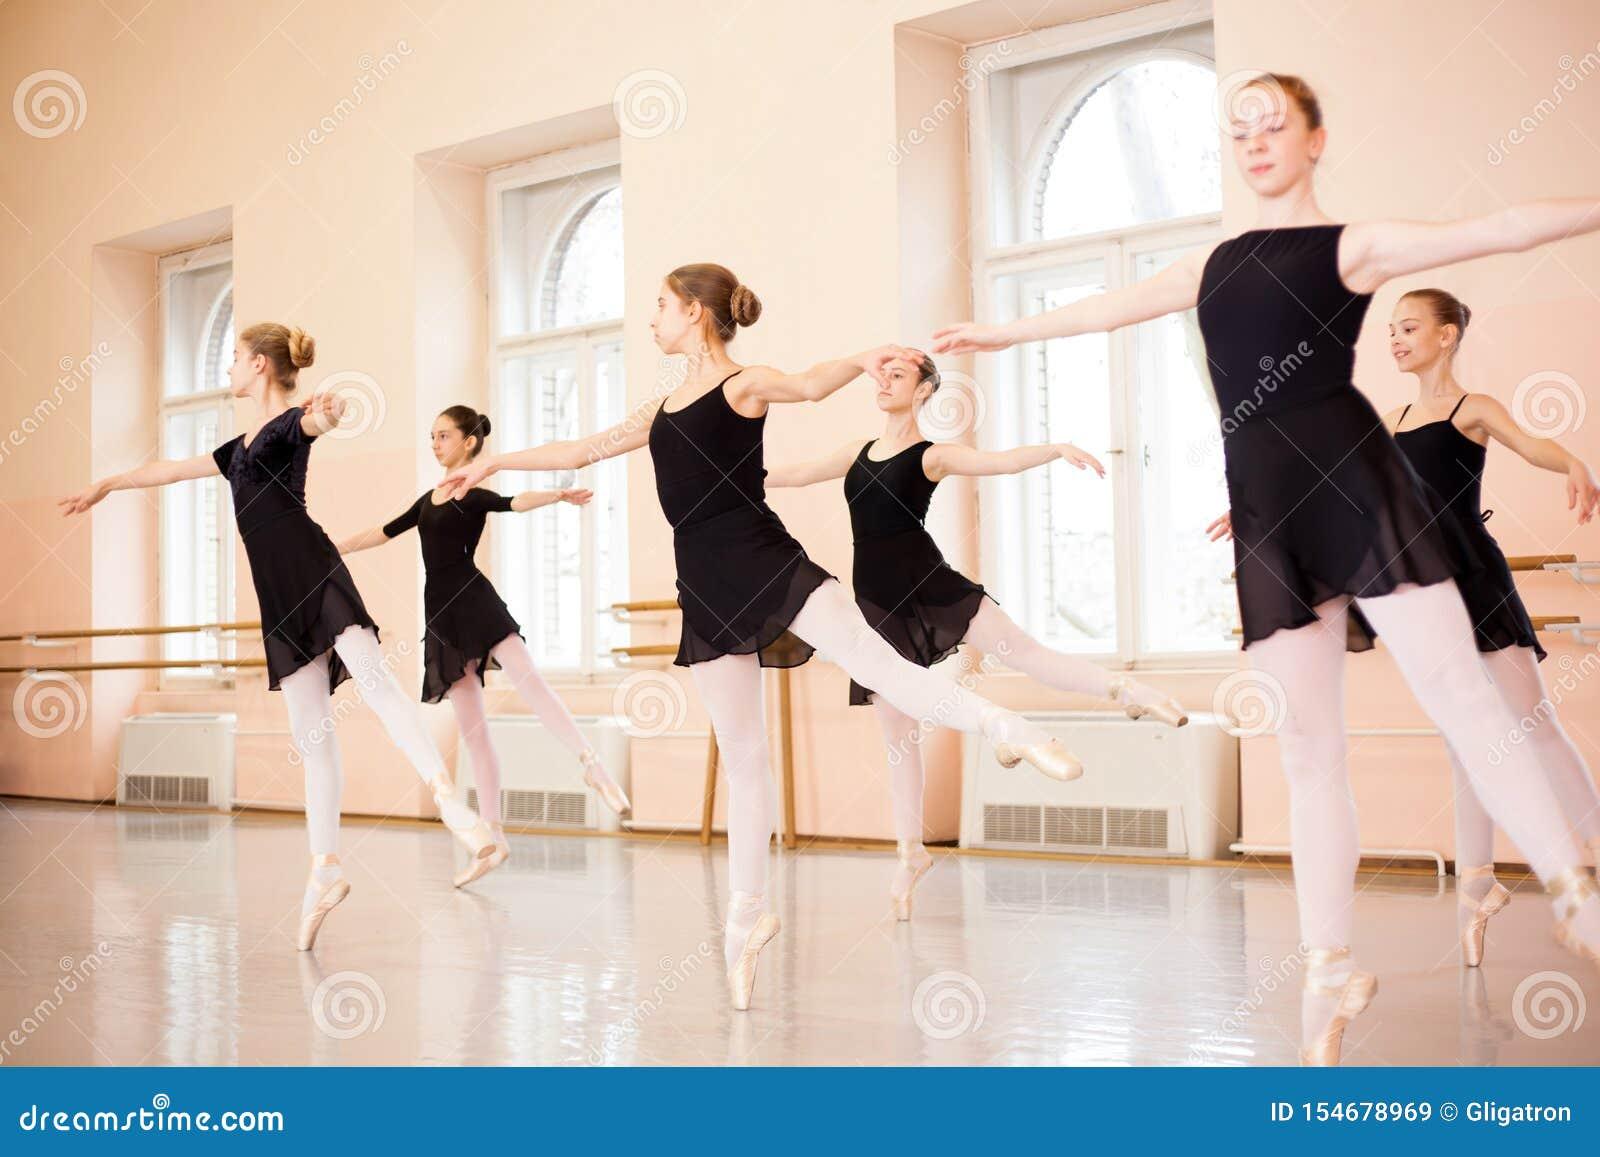 Środek grupa nastoletnie dziewczyny w czarnych sukniach ćwiczy baletniczych ruchy w wielkim tana studiu